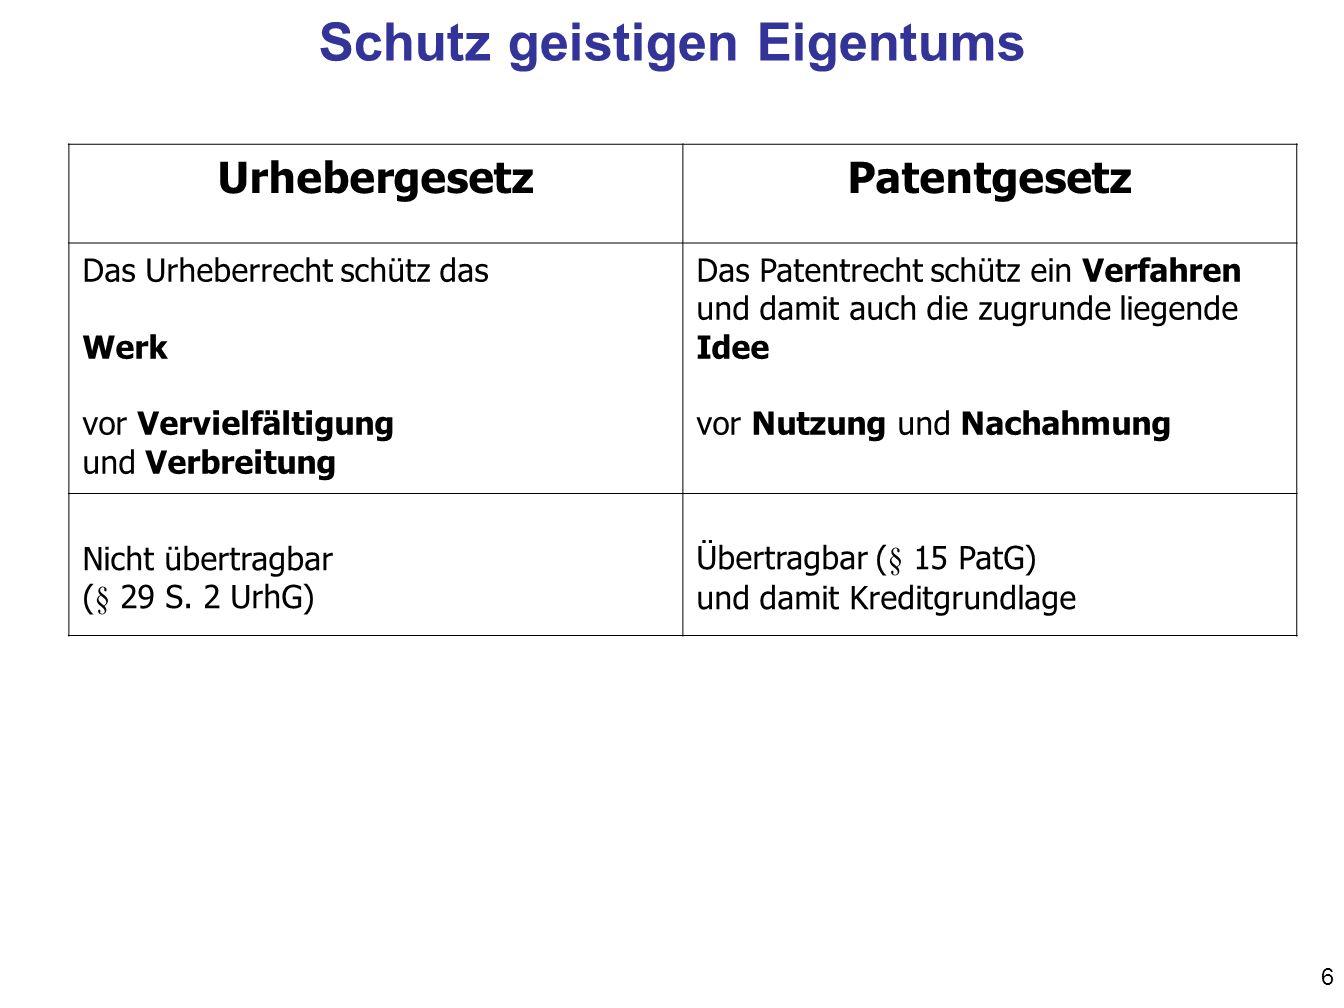 6 UrhebergesetzPatentgesetz Das Urheberrecht schütz das Werk vor Vervielfältigung und Verbreitung Das Patentrecht schütz ein Verfahren und damit auch